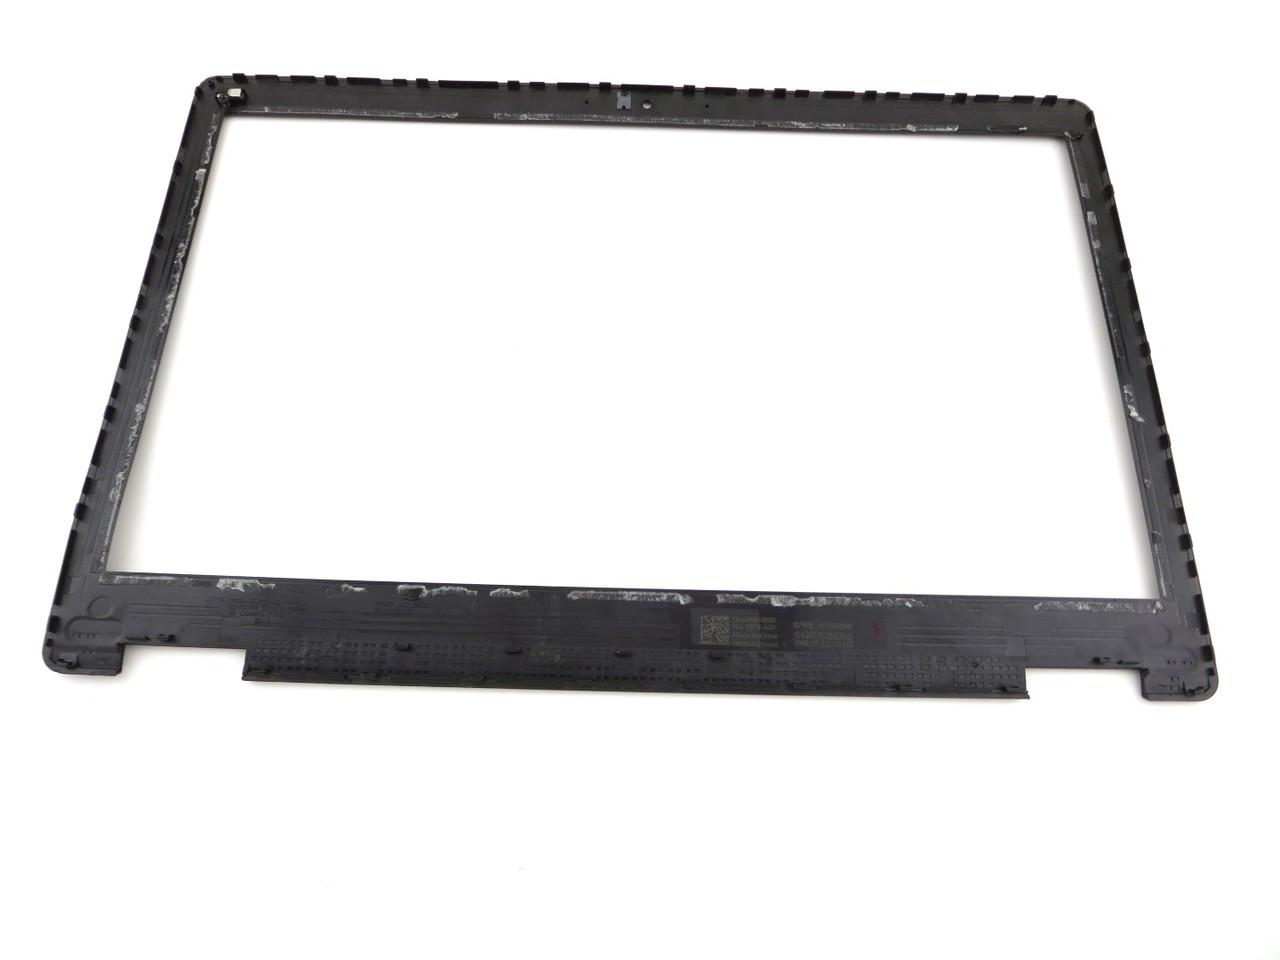 Dell Latitude E5570 / Precision 15 3510 LCD Front Trim Cover Bezel Plastic - No Camera - Non Touchscreen - 2M5F4 02M5F4